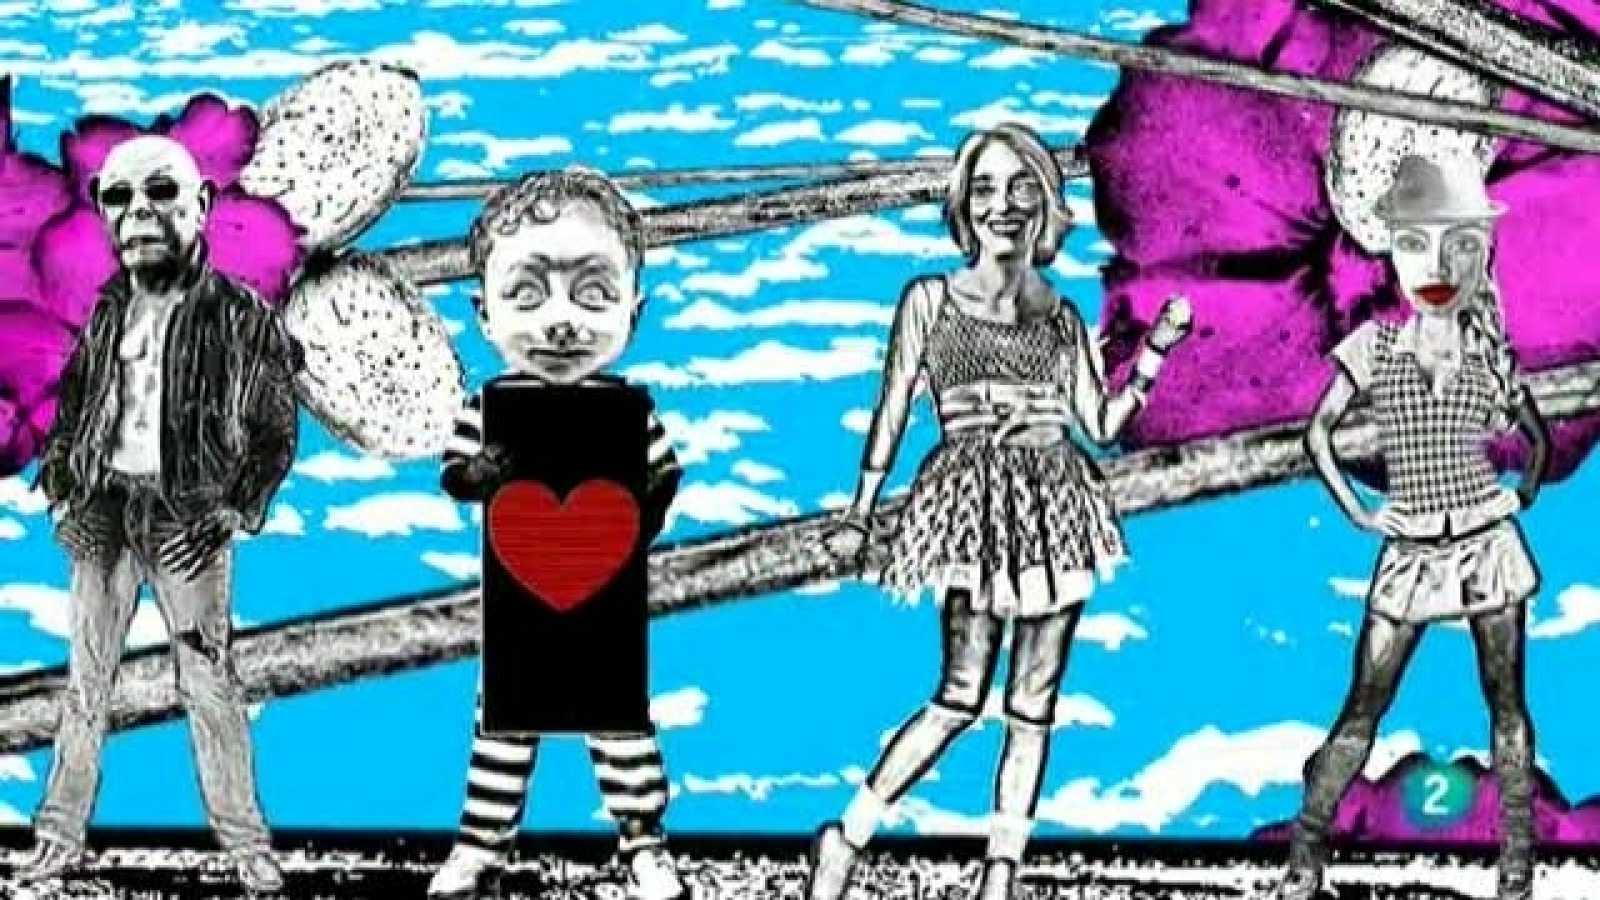 Grandes obras universales - El amor en los tiempos del cólera - Ver ahora